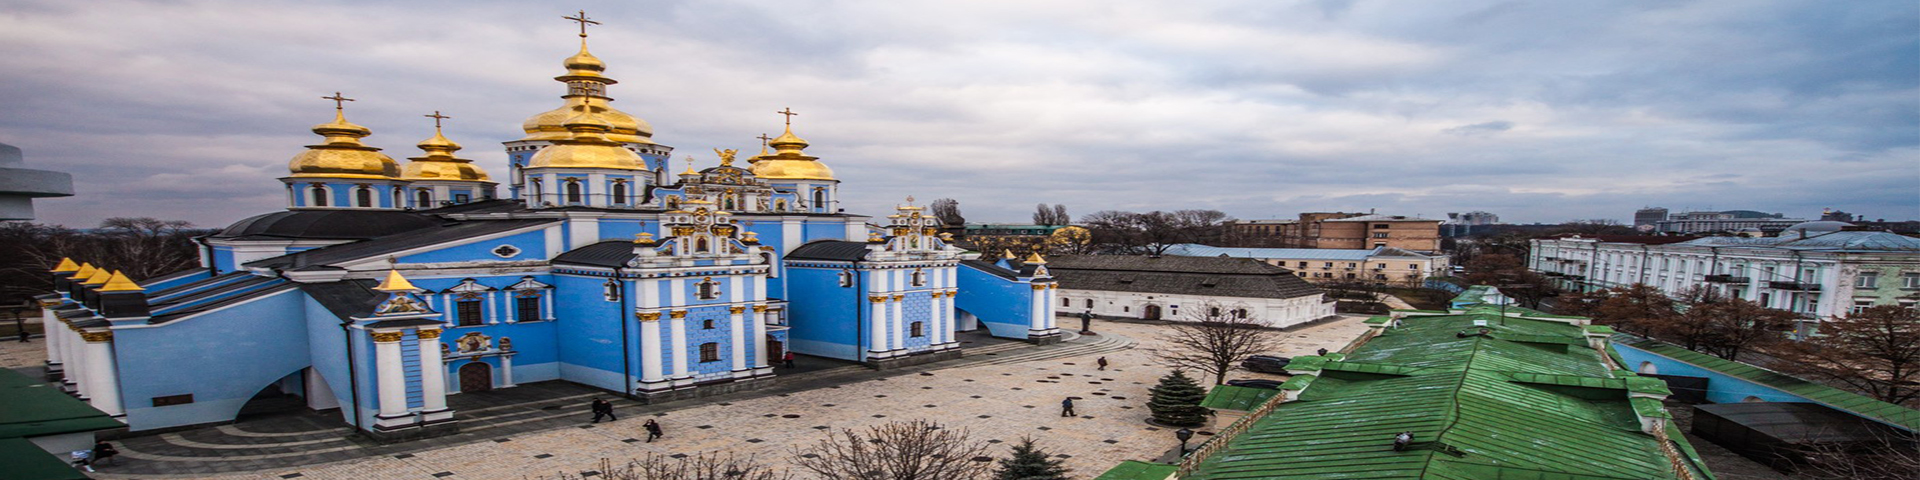 تورهای اوکراین همیشه سفر